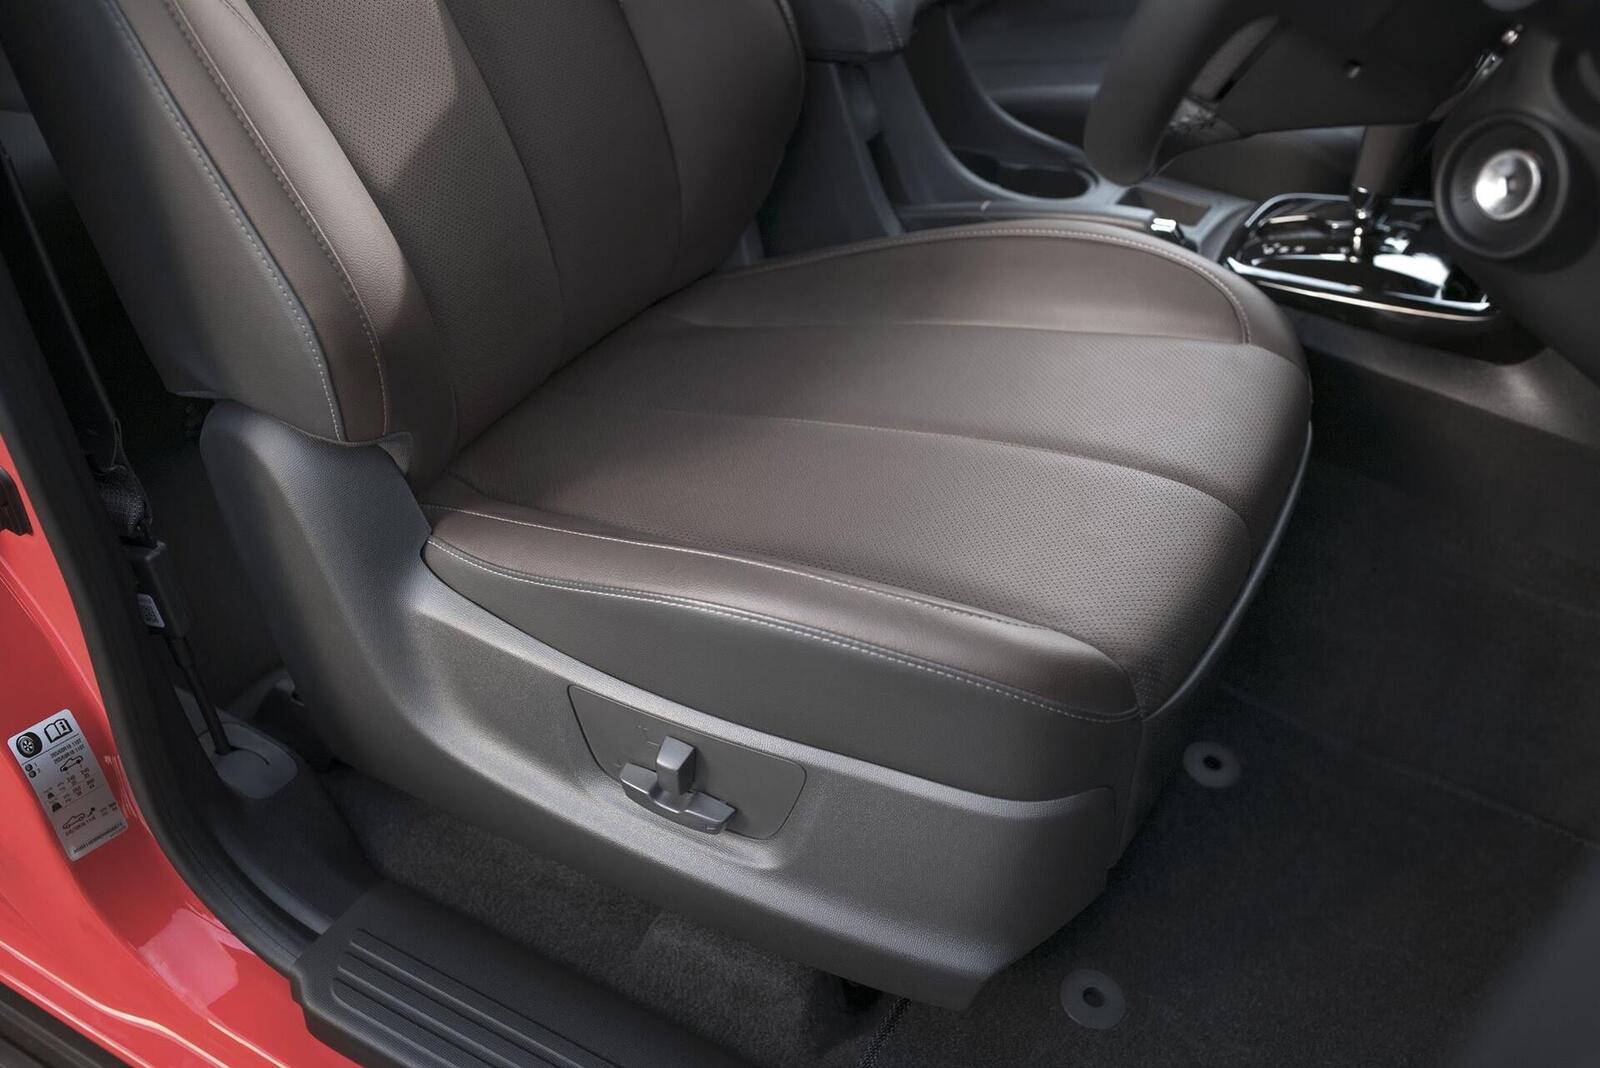 Thoái mái tối đa với ghế chỉnh điện 6 hướng trên phiên bản LTZ/High Country.